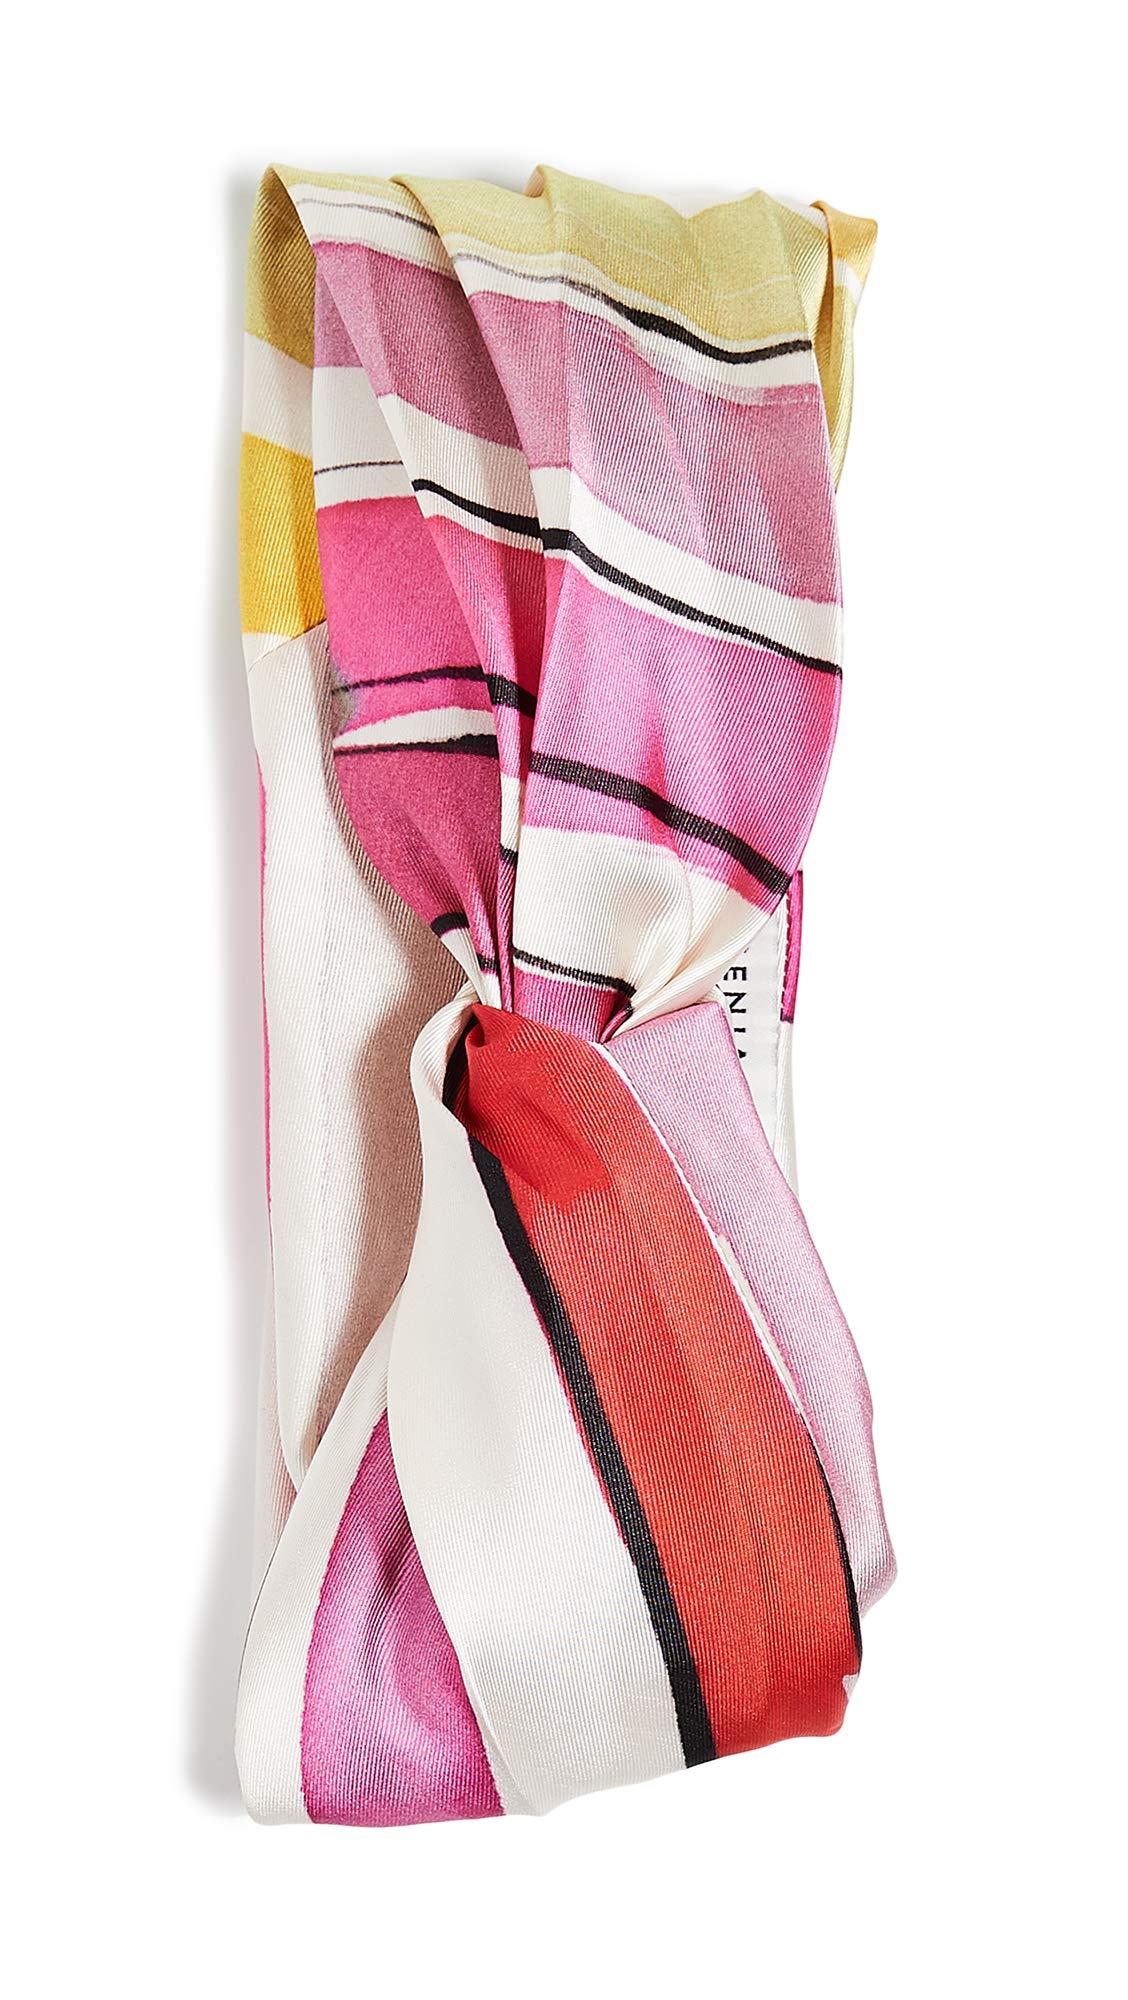 Eugenia Kim Women's Malia Headband, Pink/Red, One Size by Eugenia Kim (Image #1)